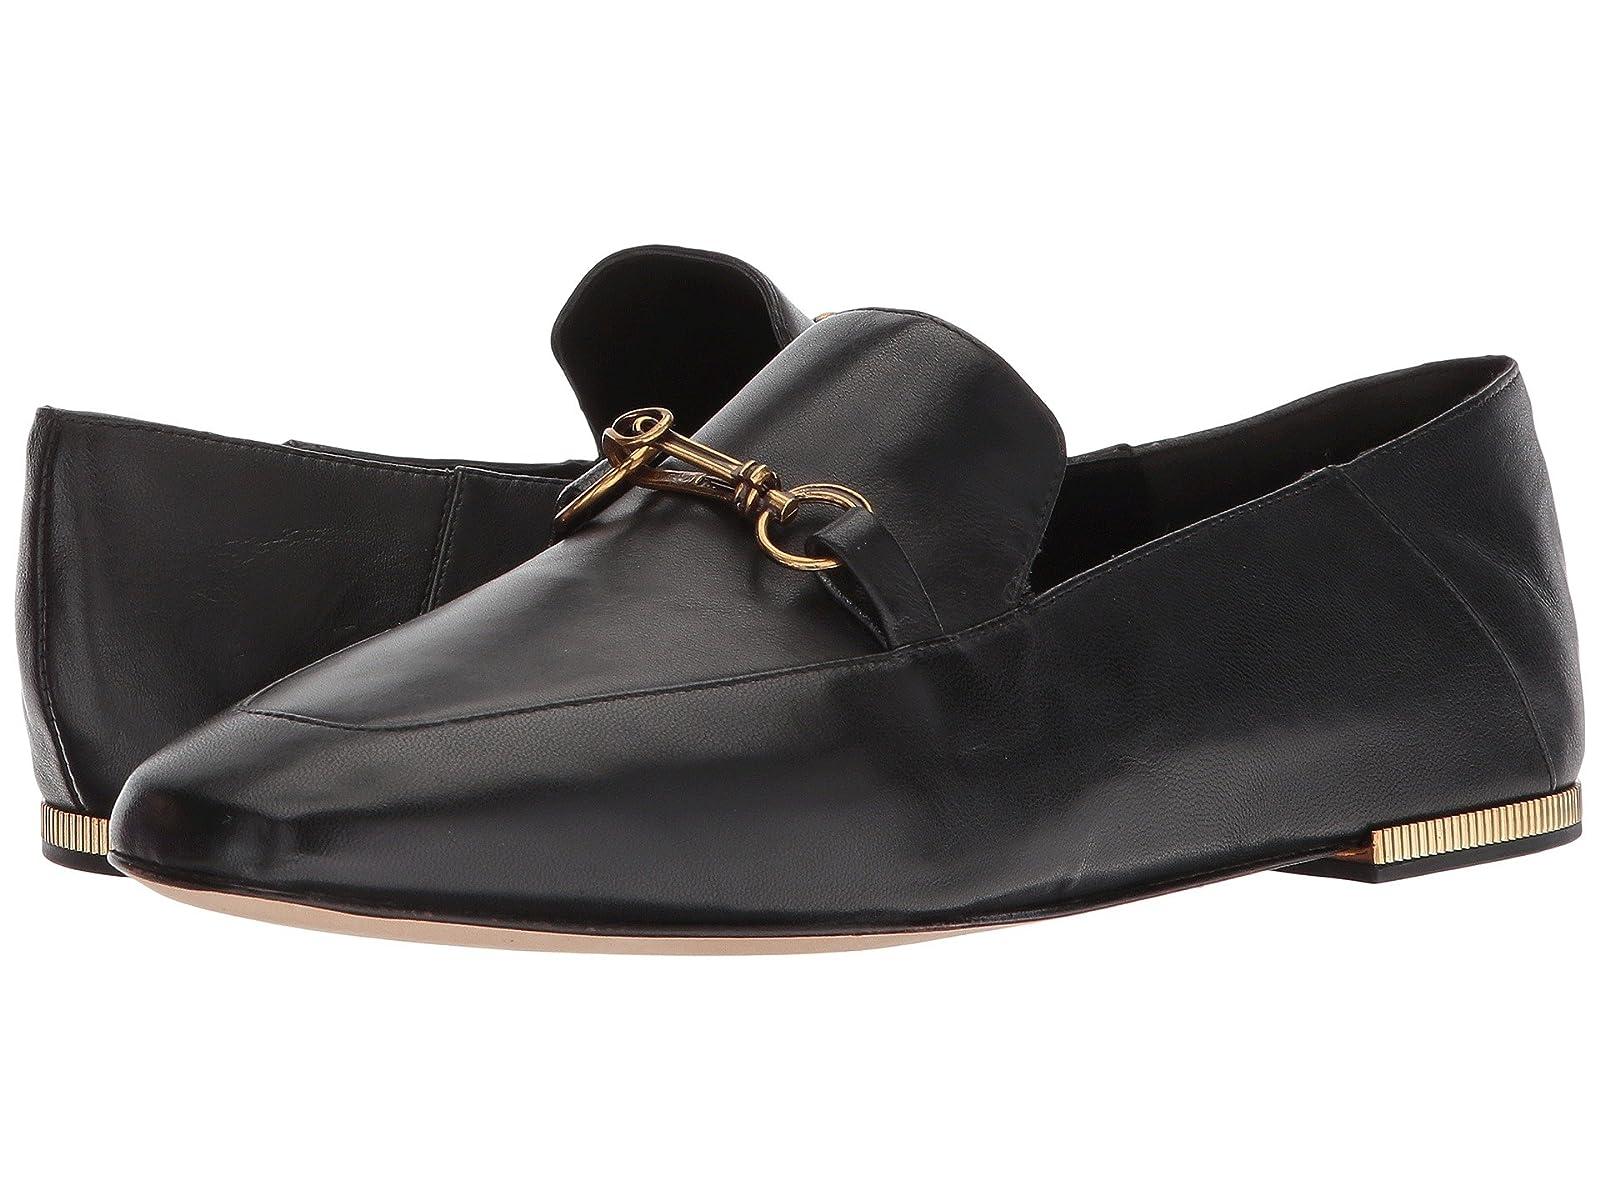 Donna Karan Debz LoaferAtmospheric grades have affordable shoes